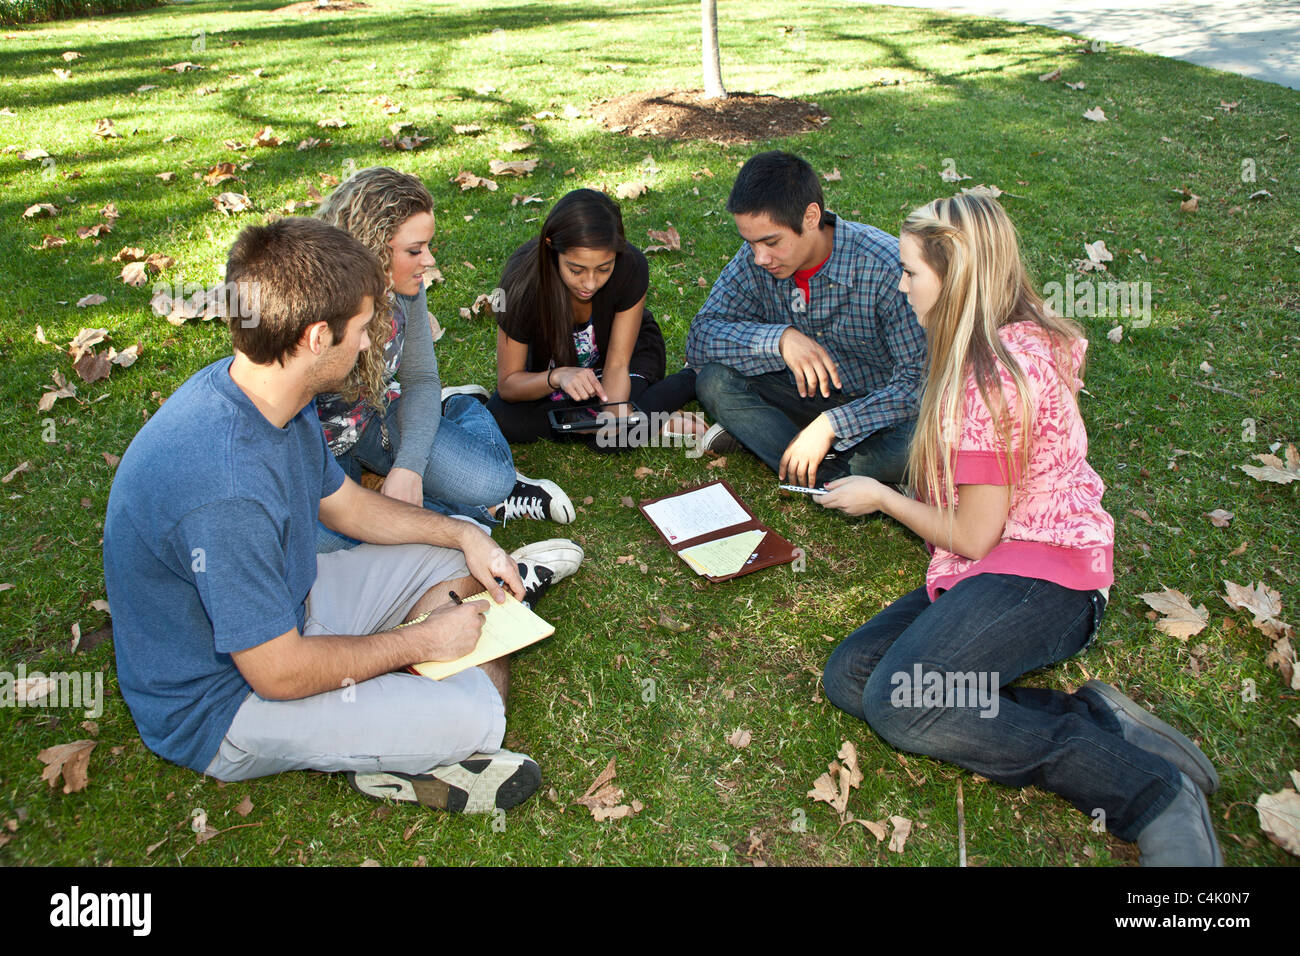 Multi etnica minoranza razziale etnicamente diversi ragazzi di gruppo per studiare insieme utilizzando iphone cellulare Foto Stock